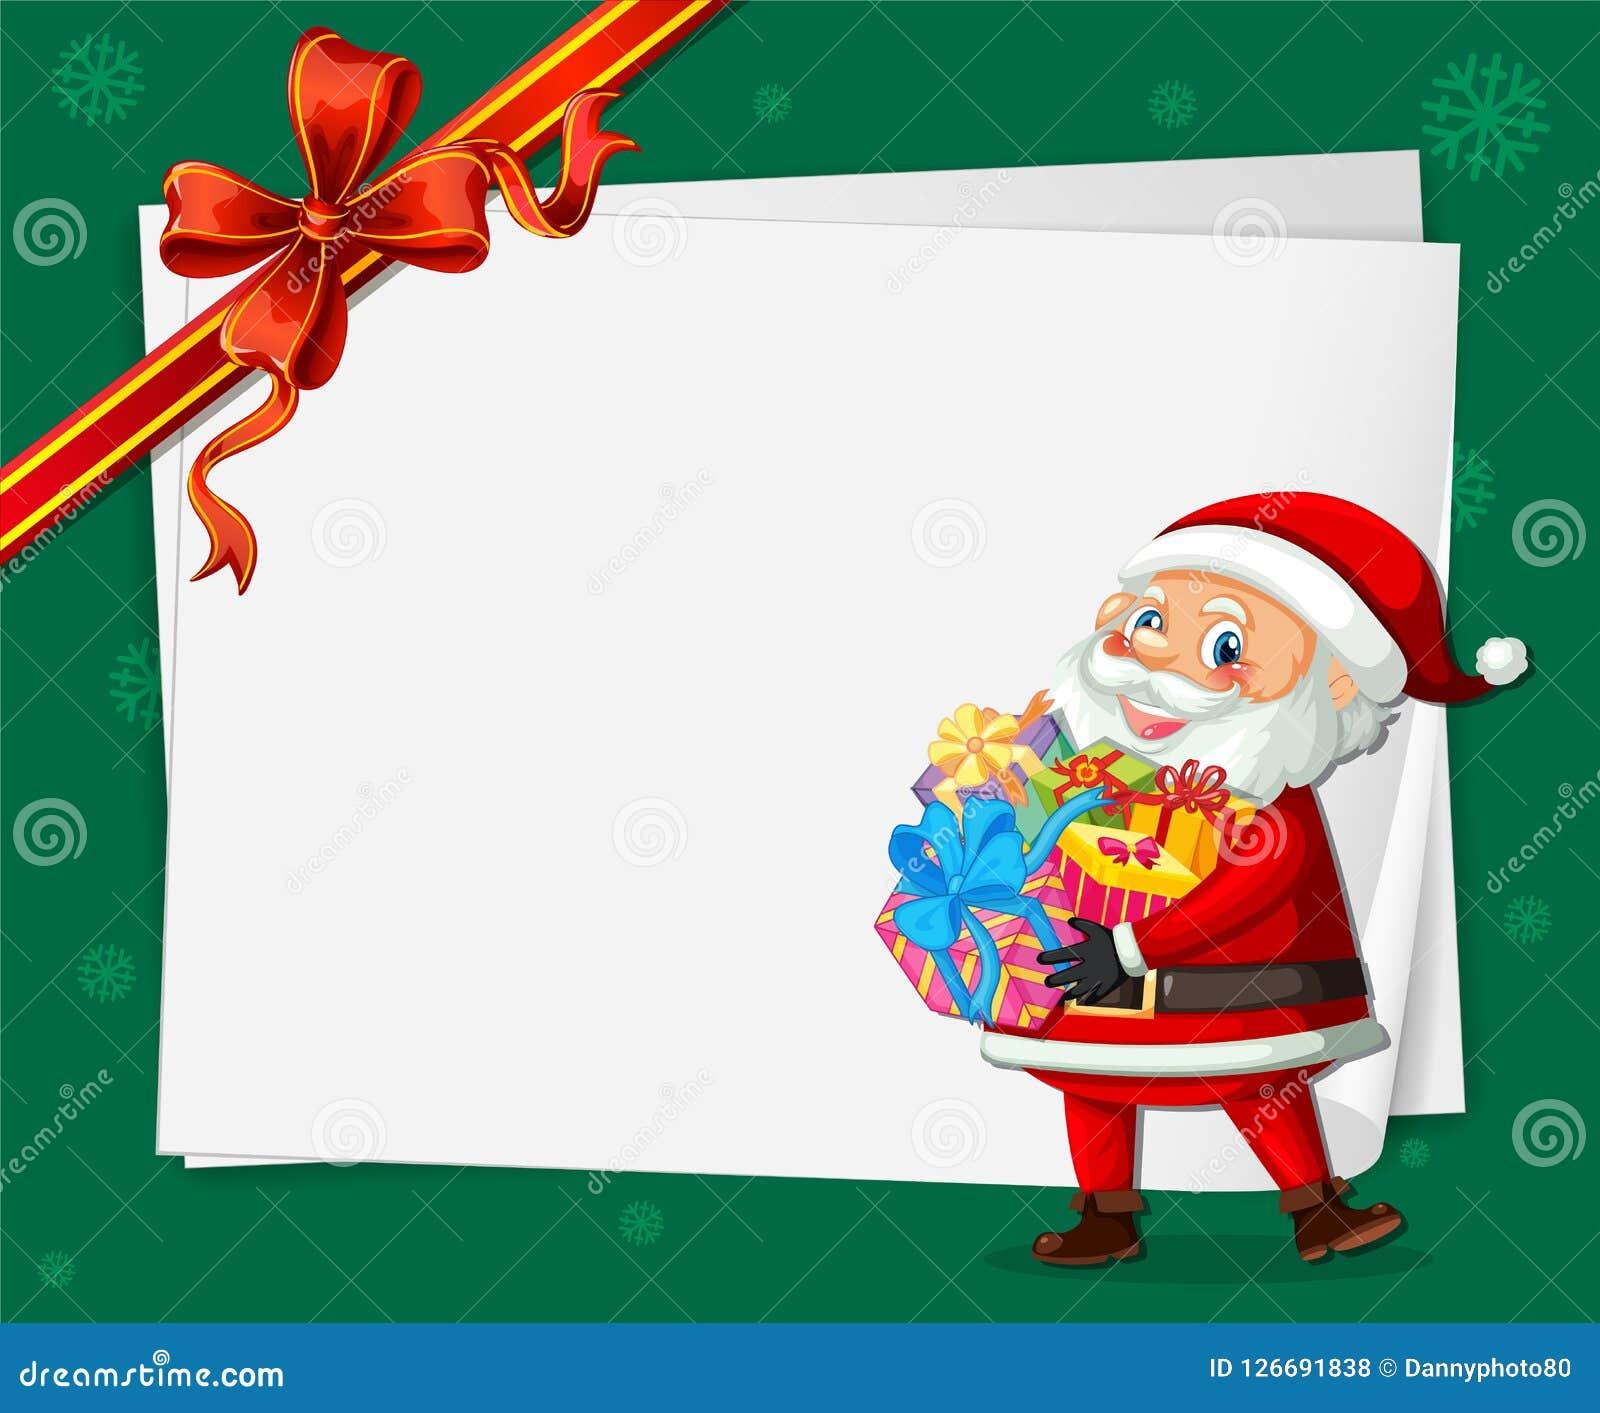 Santa na kartka bożonarodzeniowa szablonie